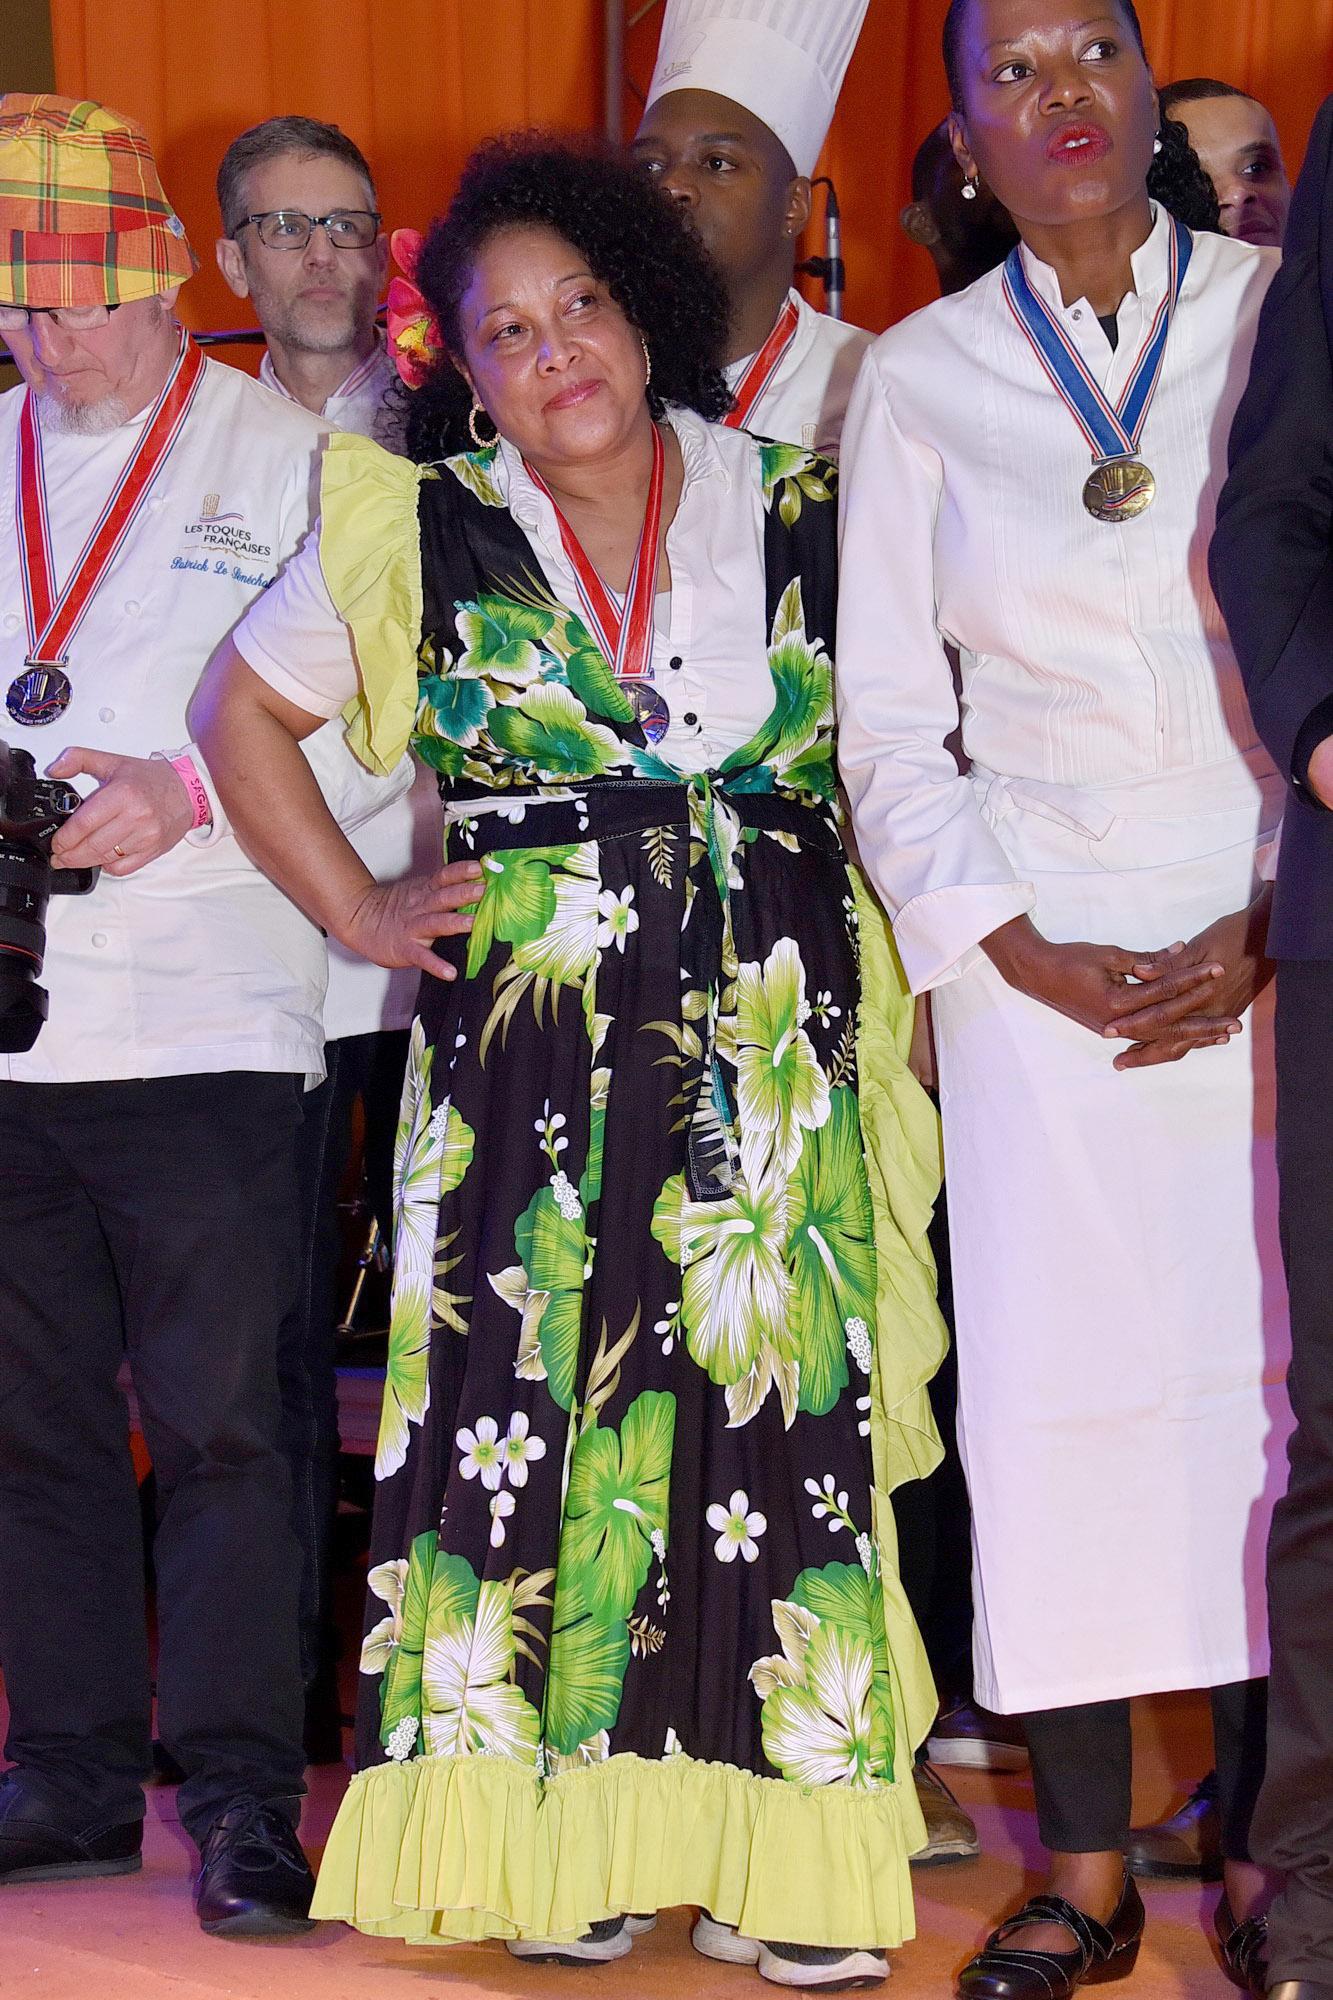 Pour le palmarès, Marie Claudia Nalbanti, membre du jrury, avait mis la tenue locale !